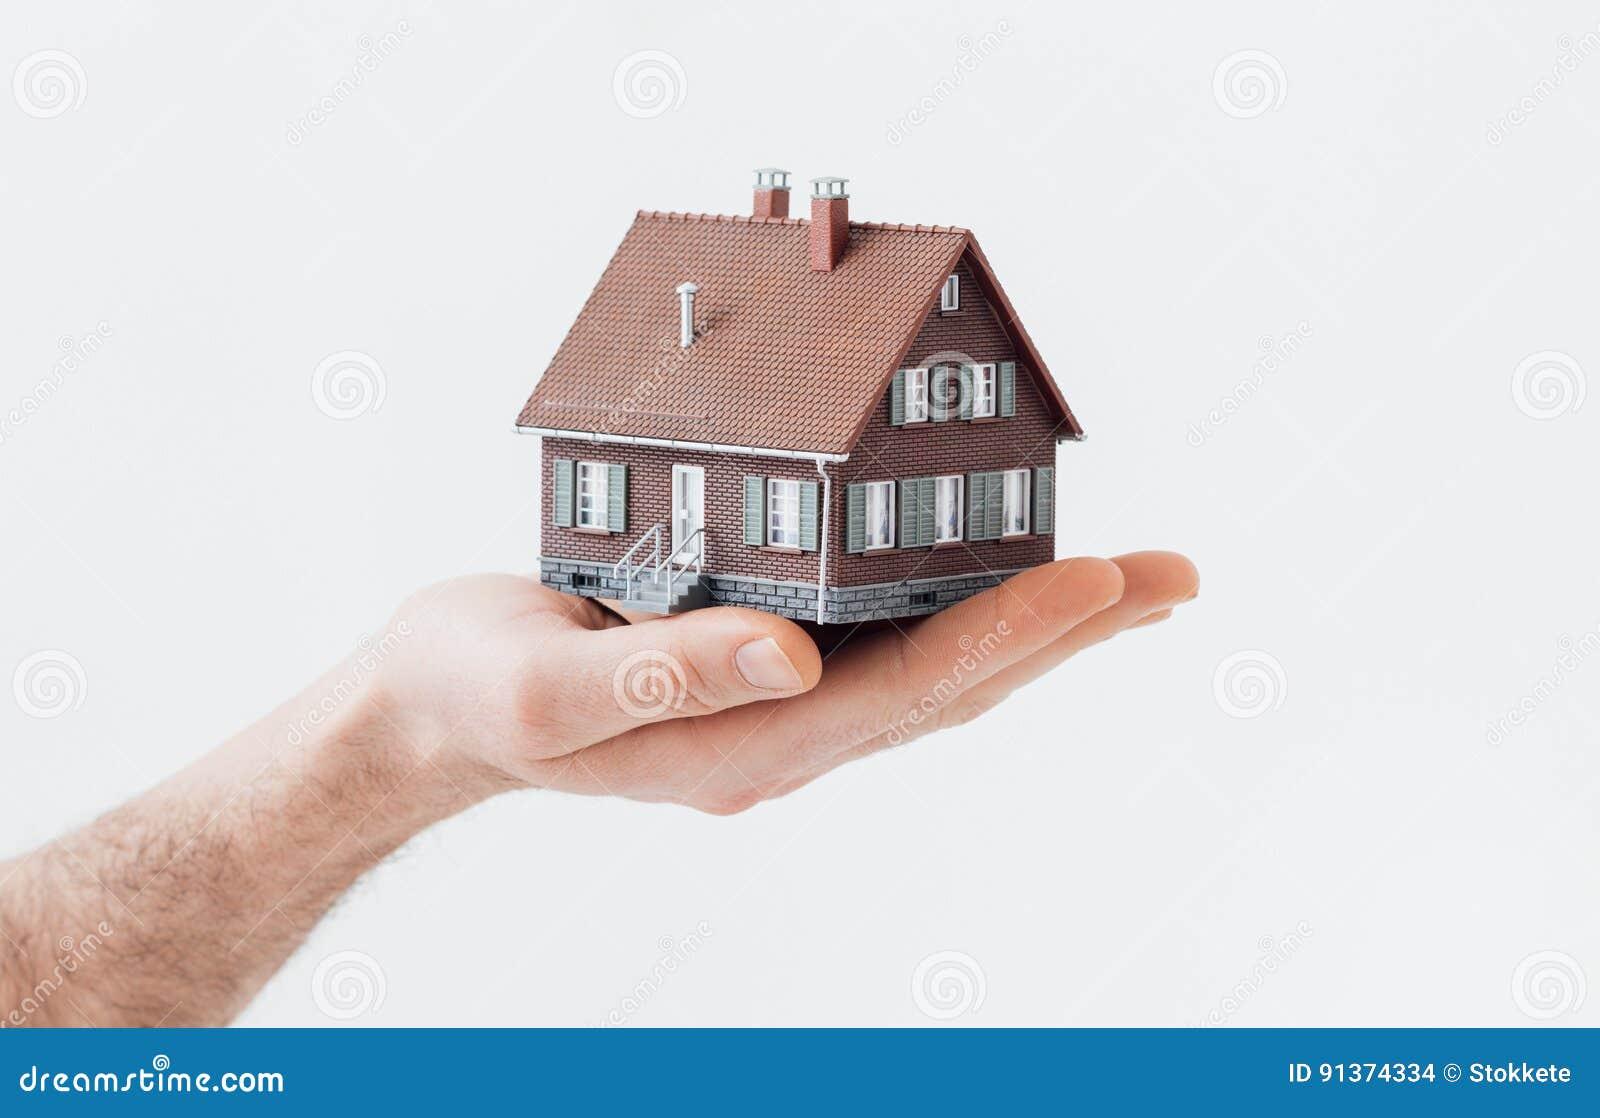 Votre maison neuve